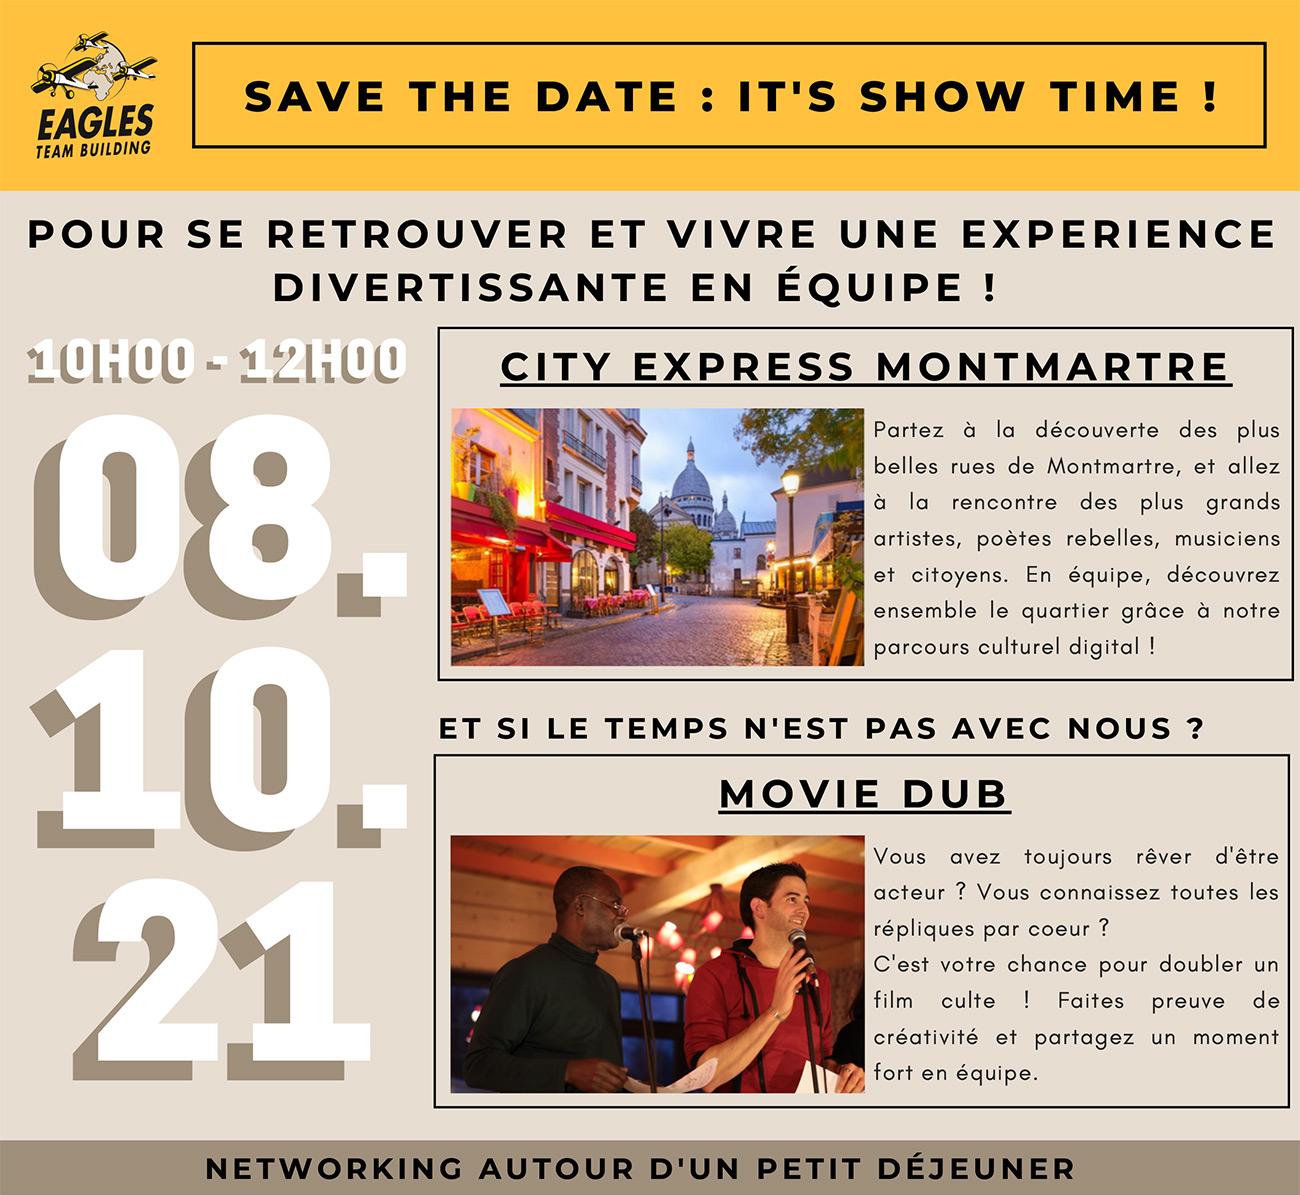 Save the date: 08/10 - Pour se retrouver et vivre une expérience divertissante en équipe !